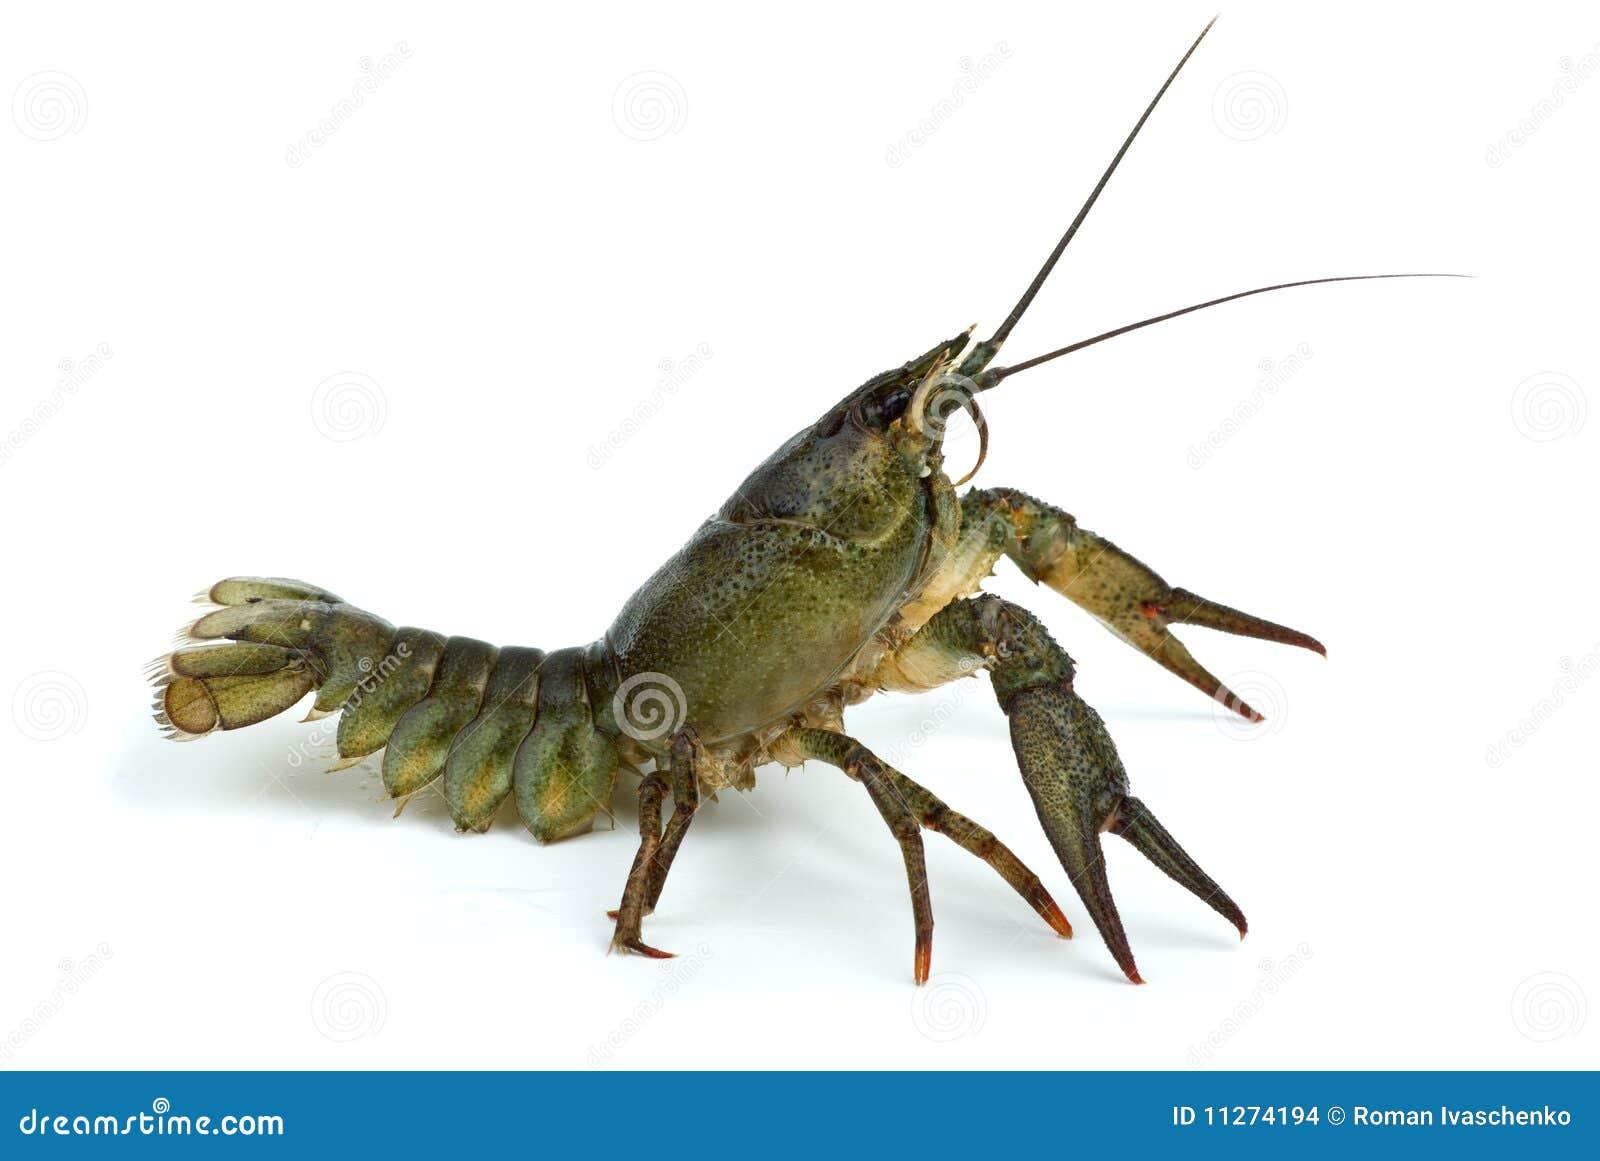 小龙虾防御地位